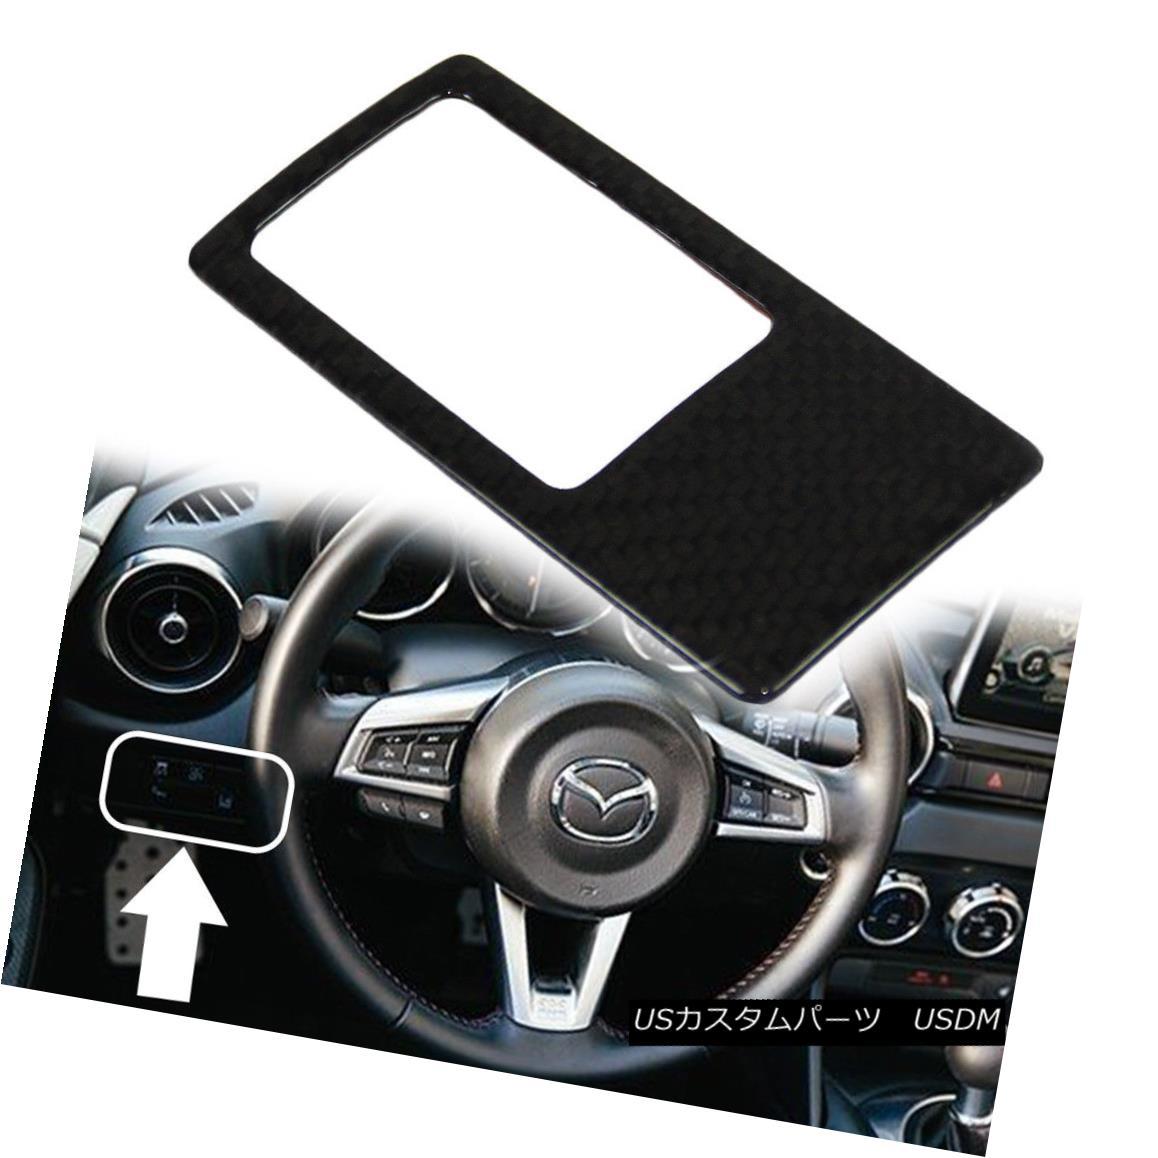 エアロパーツ 2016-2017 Carbon Dry Fit Mazda MX-5 Miata Smart idle stop system COVER Trim 2016-2017カーボンドライフィットマツダMX-5 MiataスマートアイドルストップシステムCOVERトリム